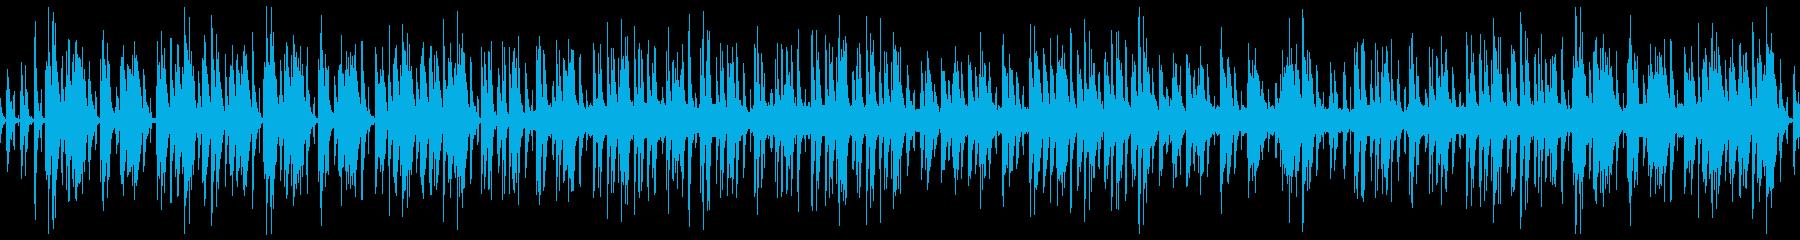 ハワイアン風ほのぼのウクレレのゆるい曲の再生済みの波形